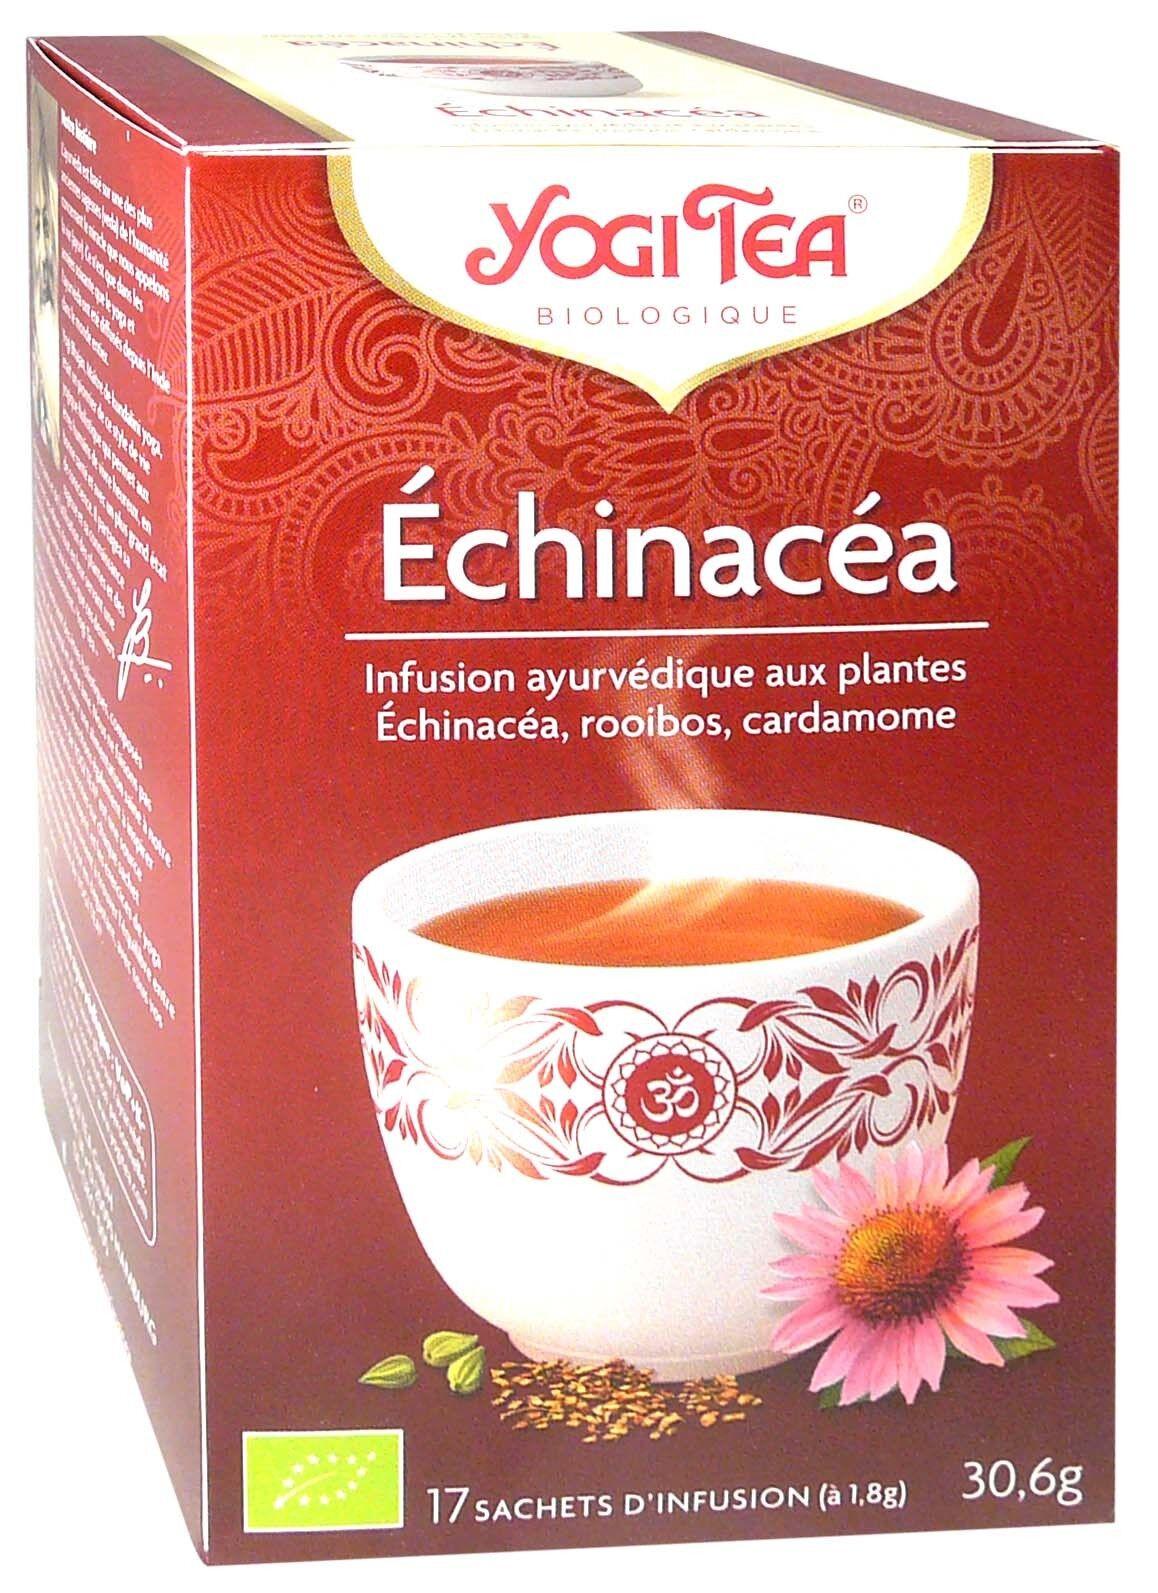 Yogi tea infusion echinacea x17 sachets